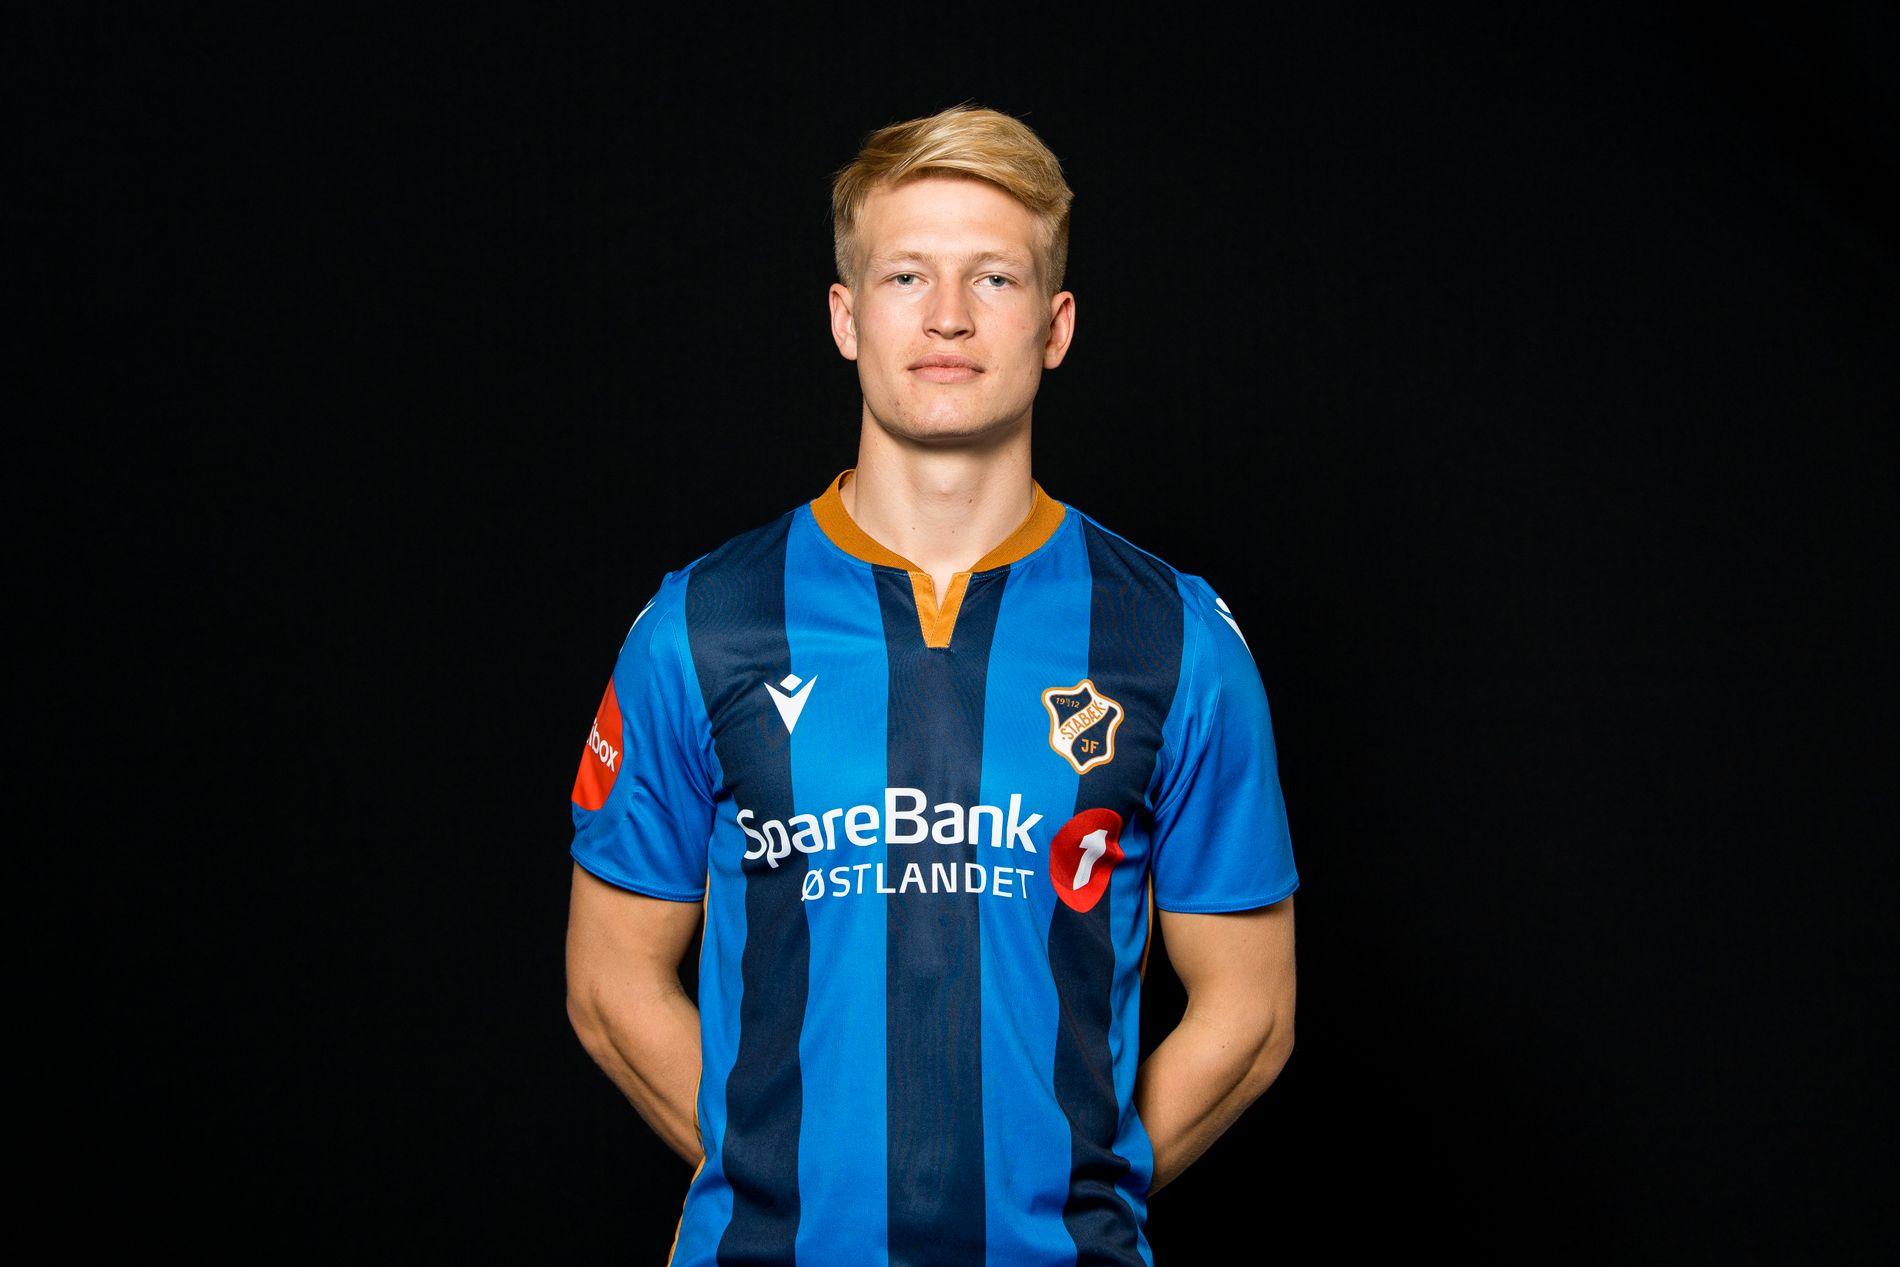 Stabæk-kaptein Andreas Hanche-Olsen.